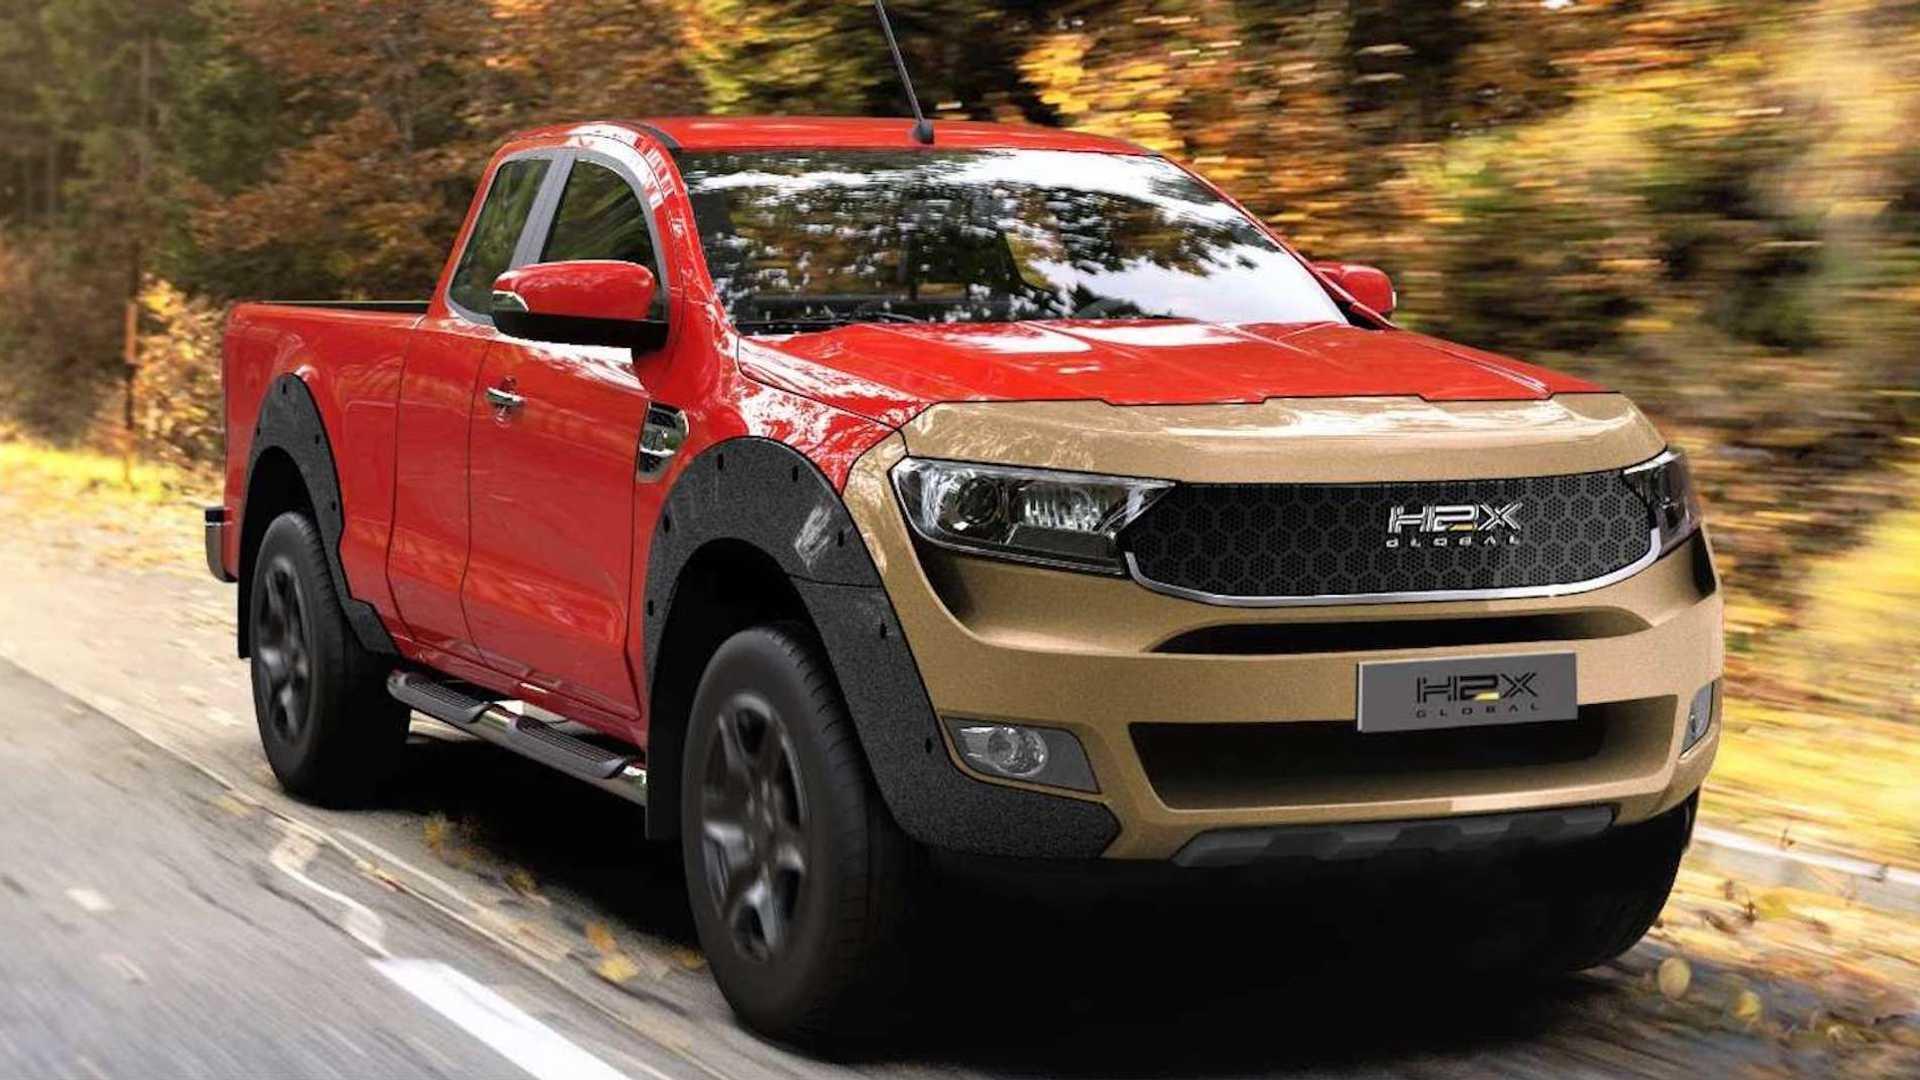 h2x-warrego-ford-ranger-hydrogen-fcev-6